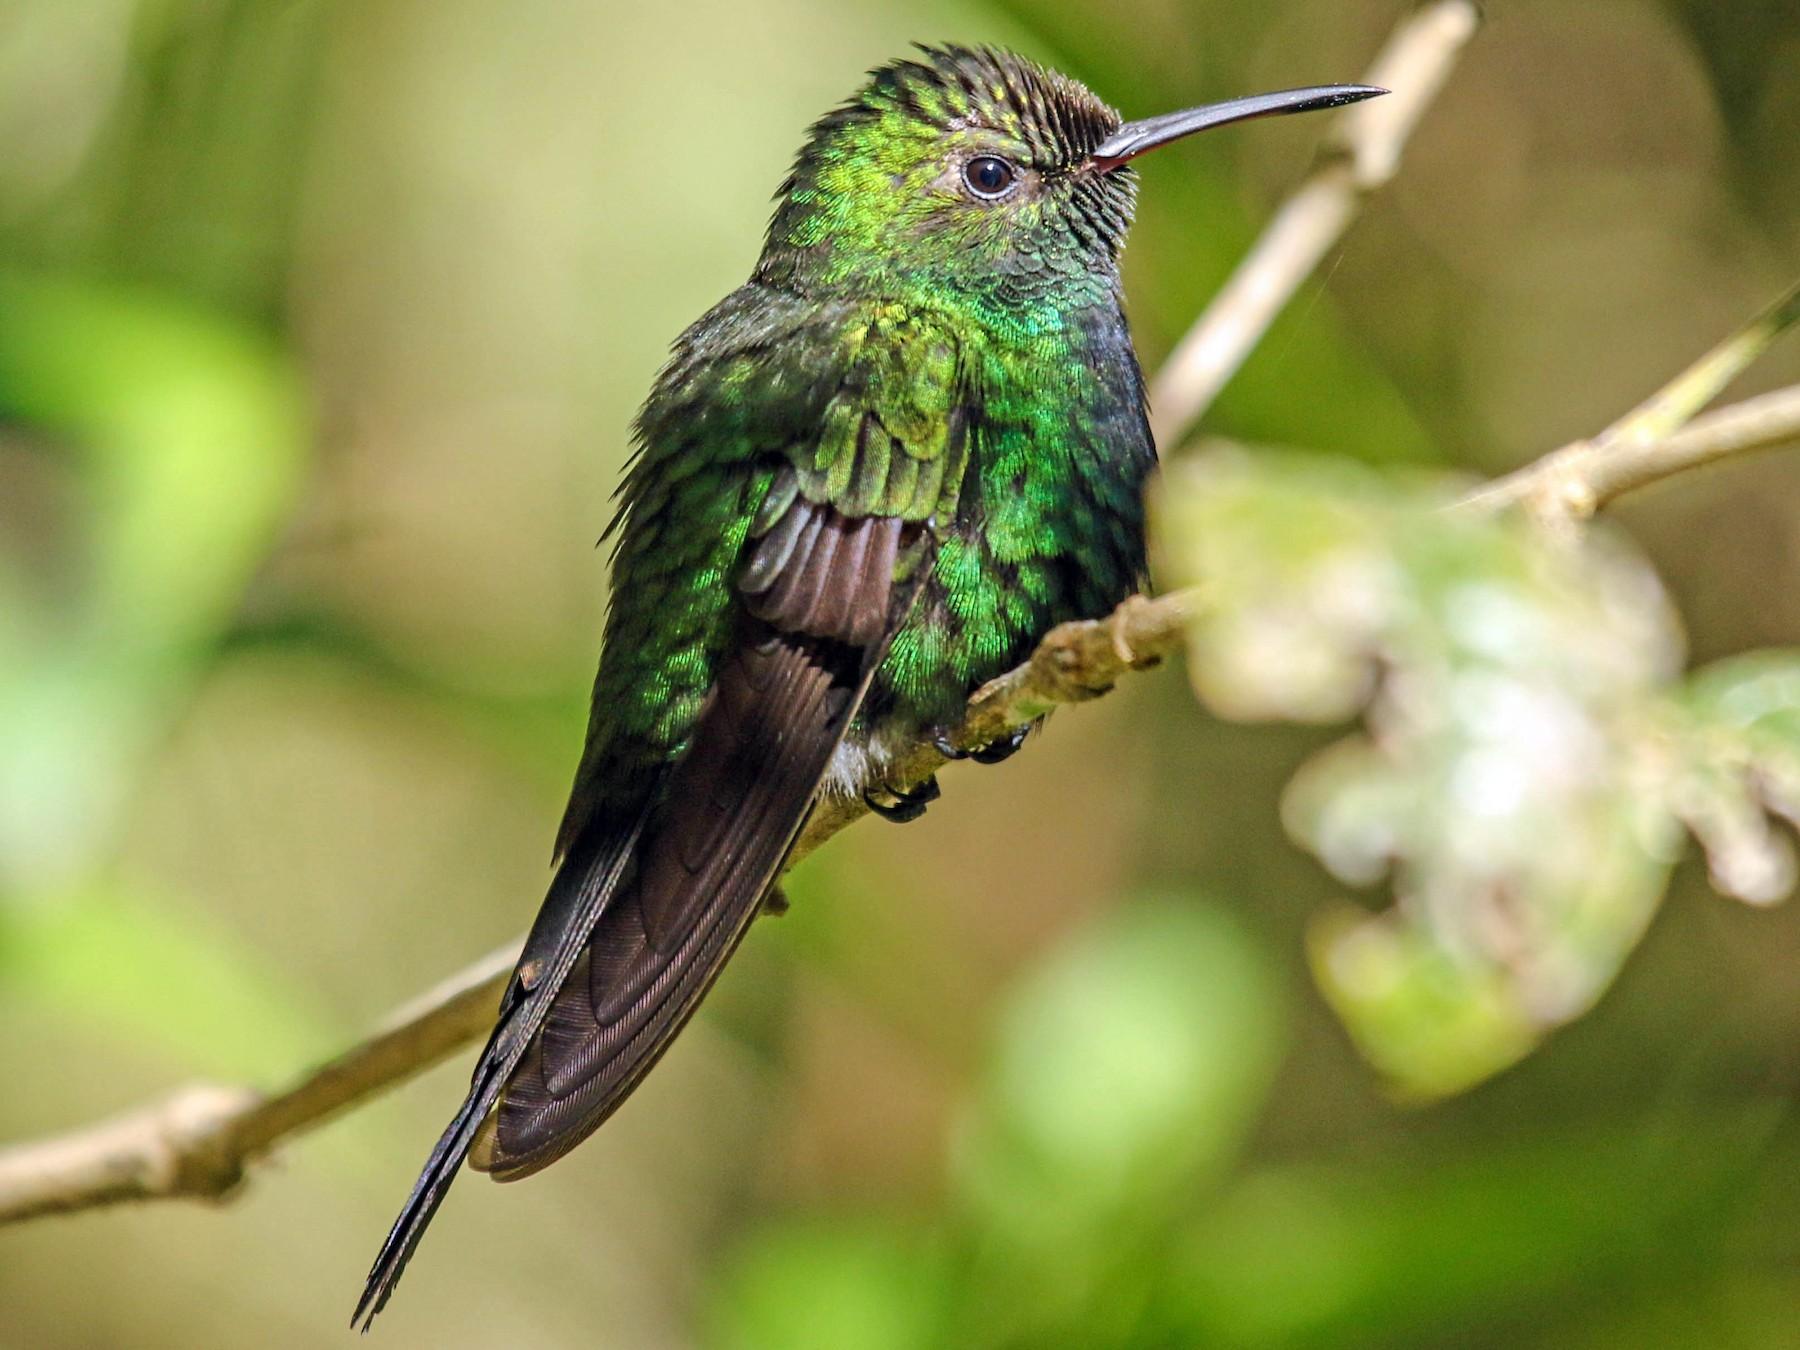 Hispaniolan Emerald - Mitch Walters